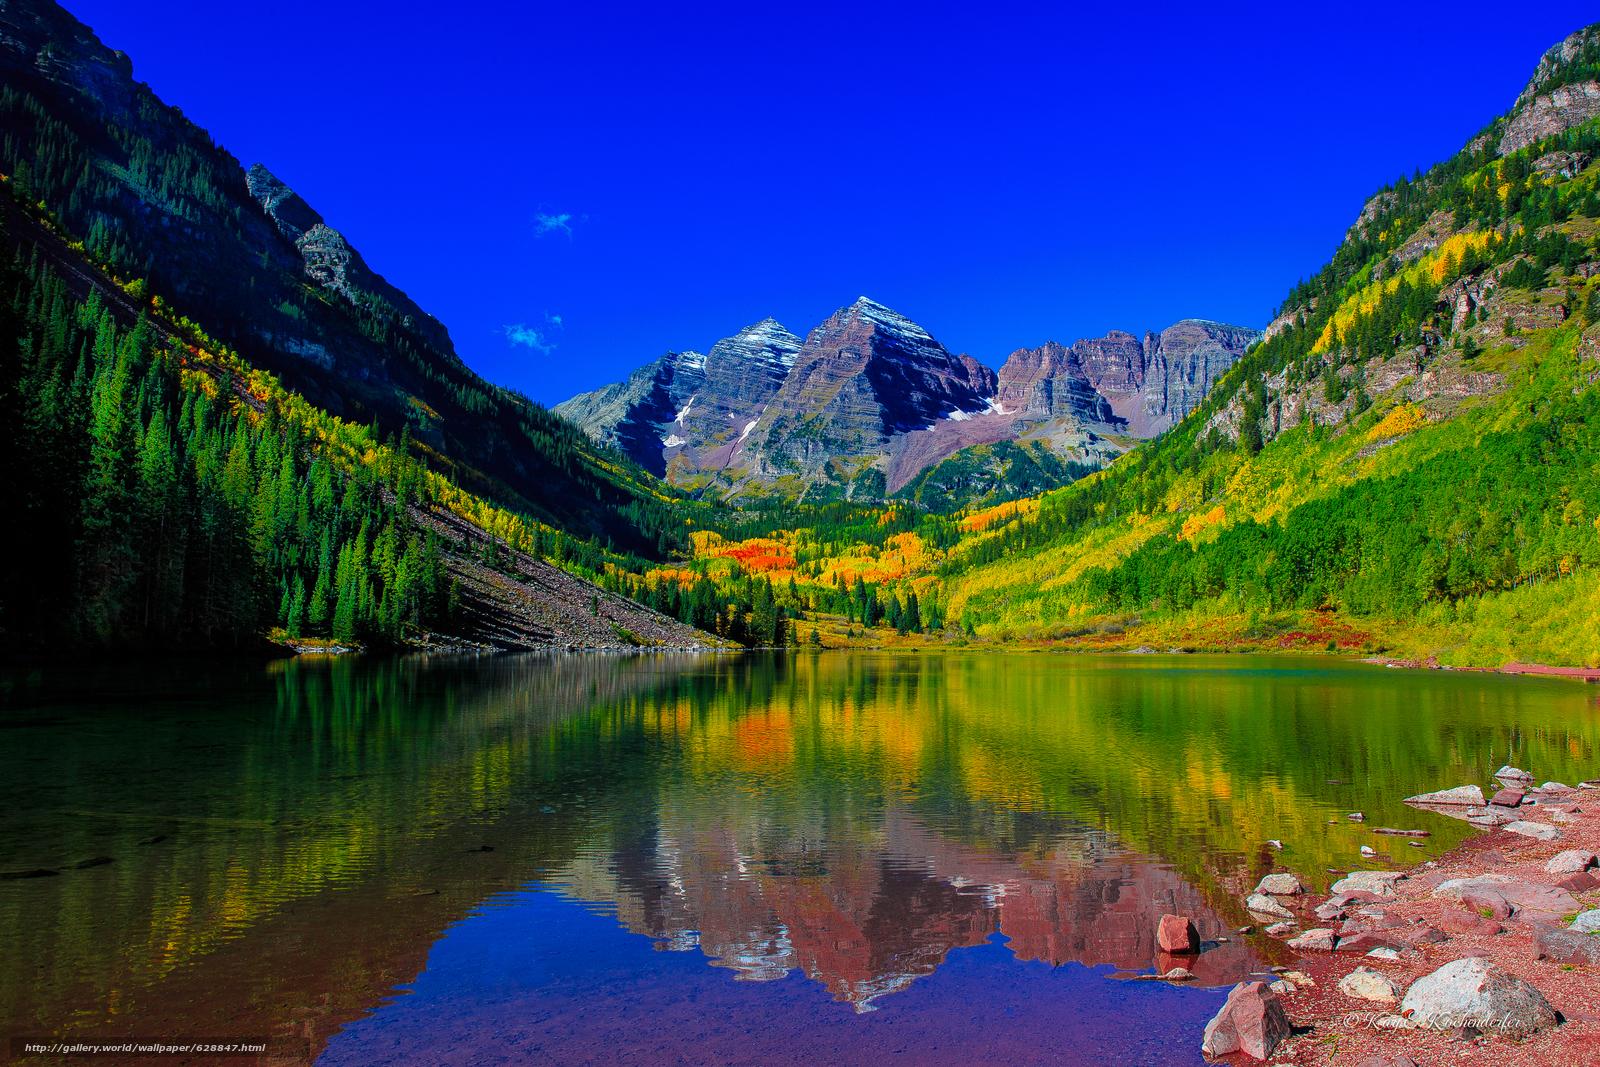 Обои Maroon Bells, Colorado.озеро, горы, деревья, осень, пейзаж